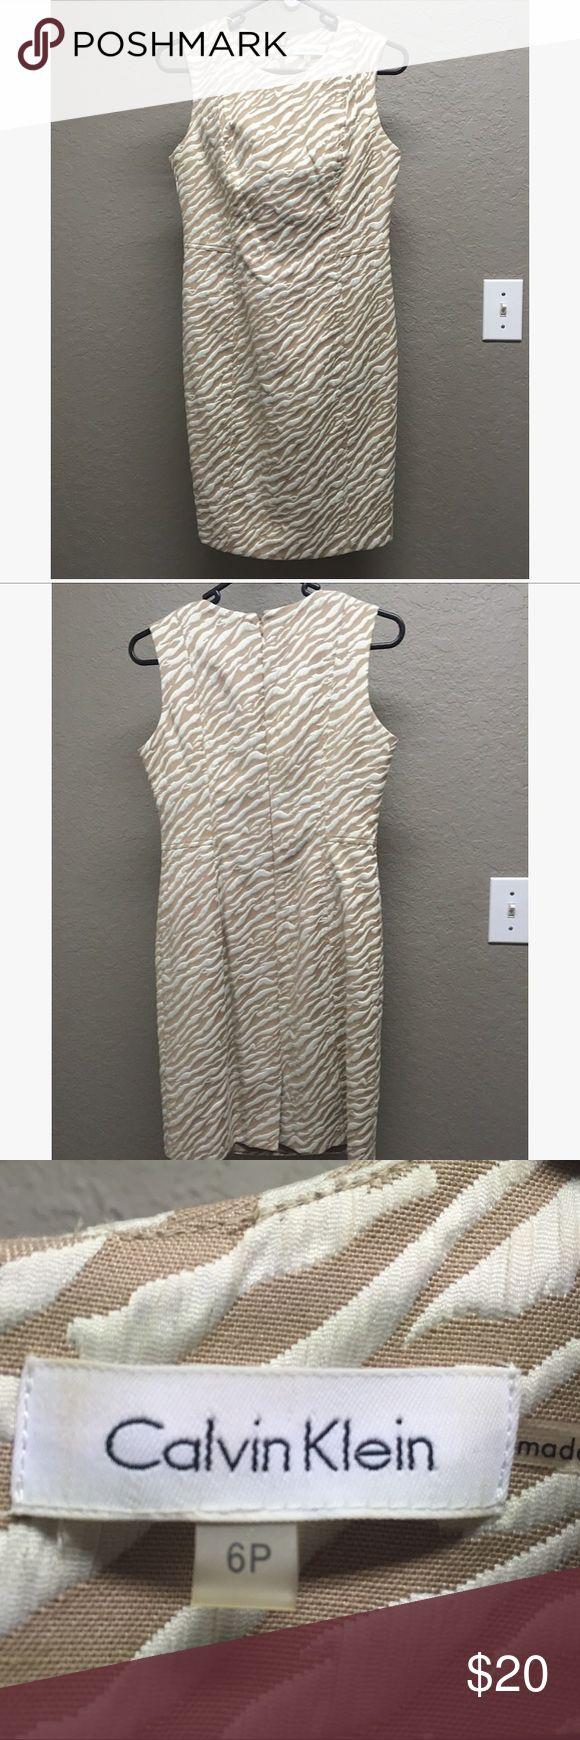 Calvin Klein Dress Animal Stripes Cream Size 6P Worn only a few times! Calvin Klein sleeveless dress in size 6 petite. Cream/tan animal print design. Calvin Klein Dresses Mini